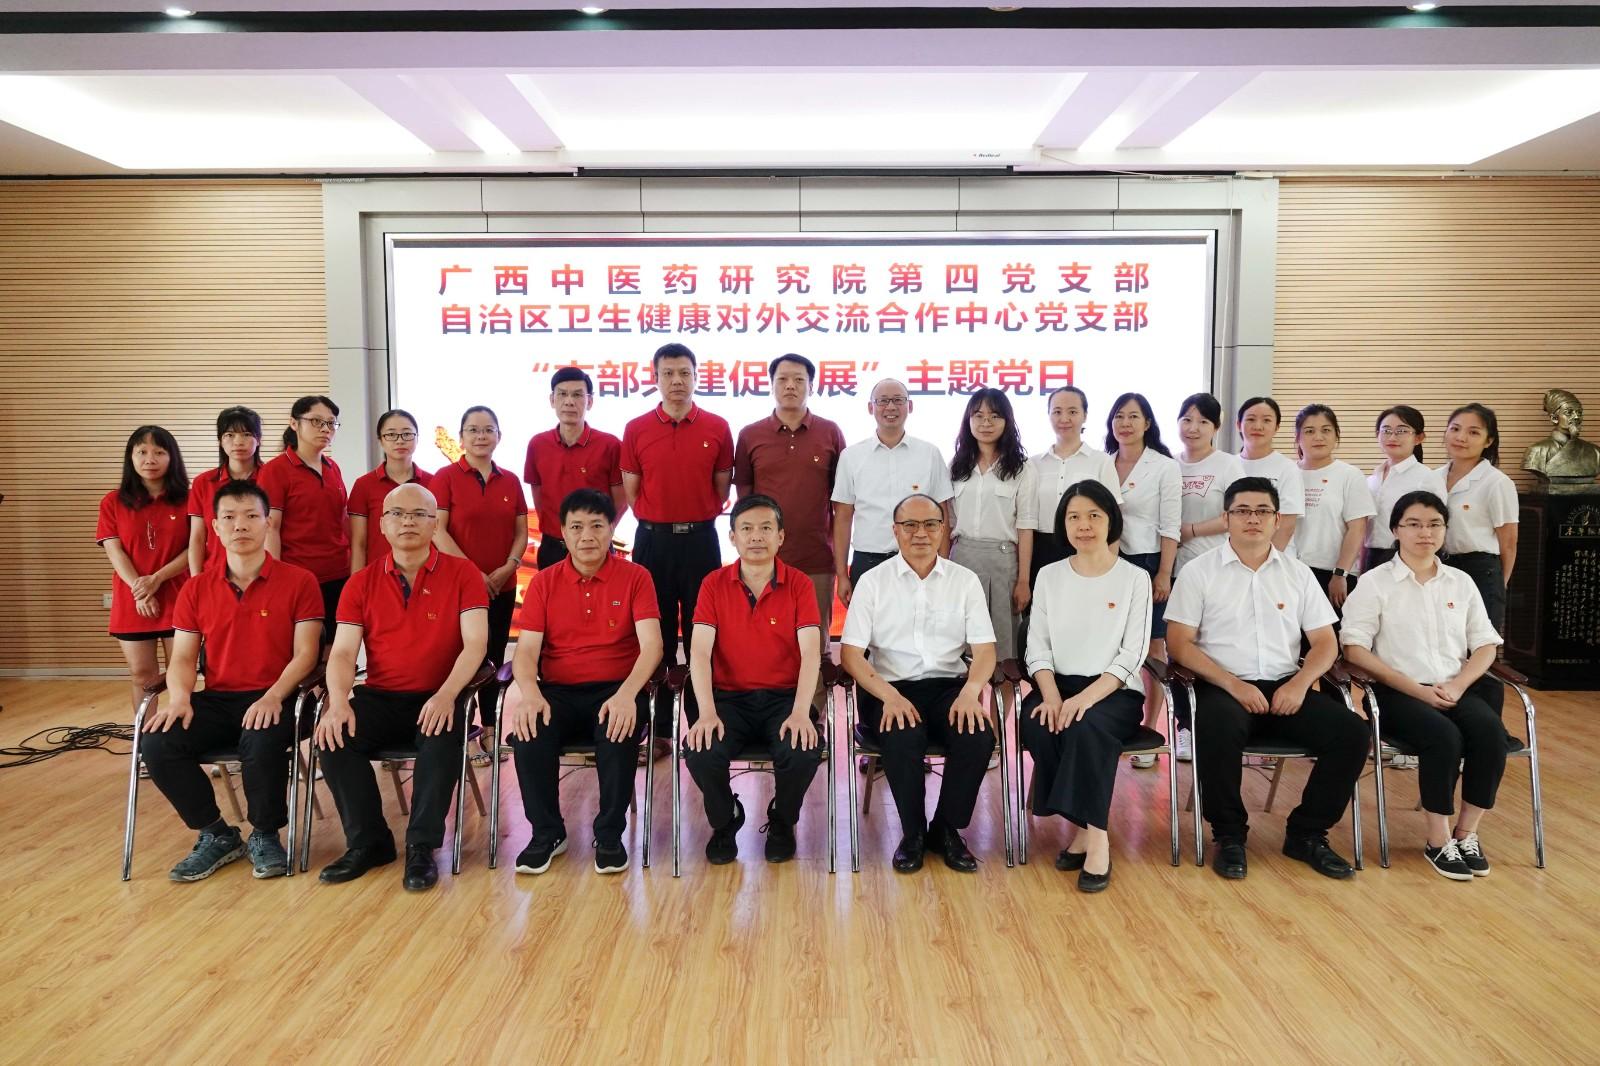 广西中医药研究院第四党支部与自治区卫生健康对外交流合作中心党支部开展联合共建活动